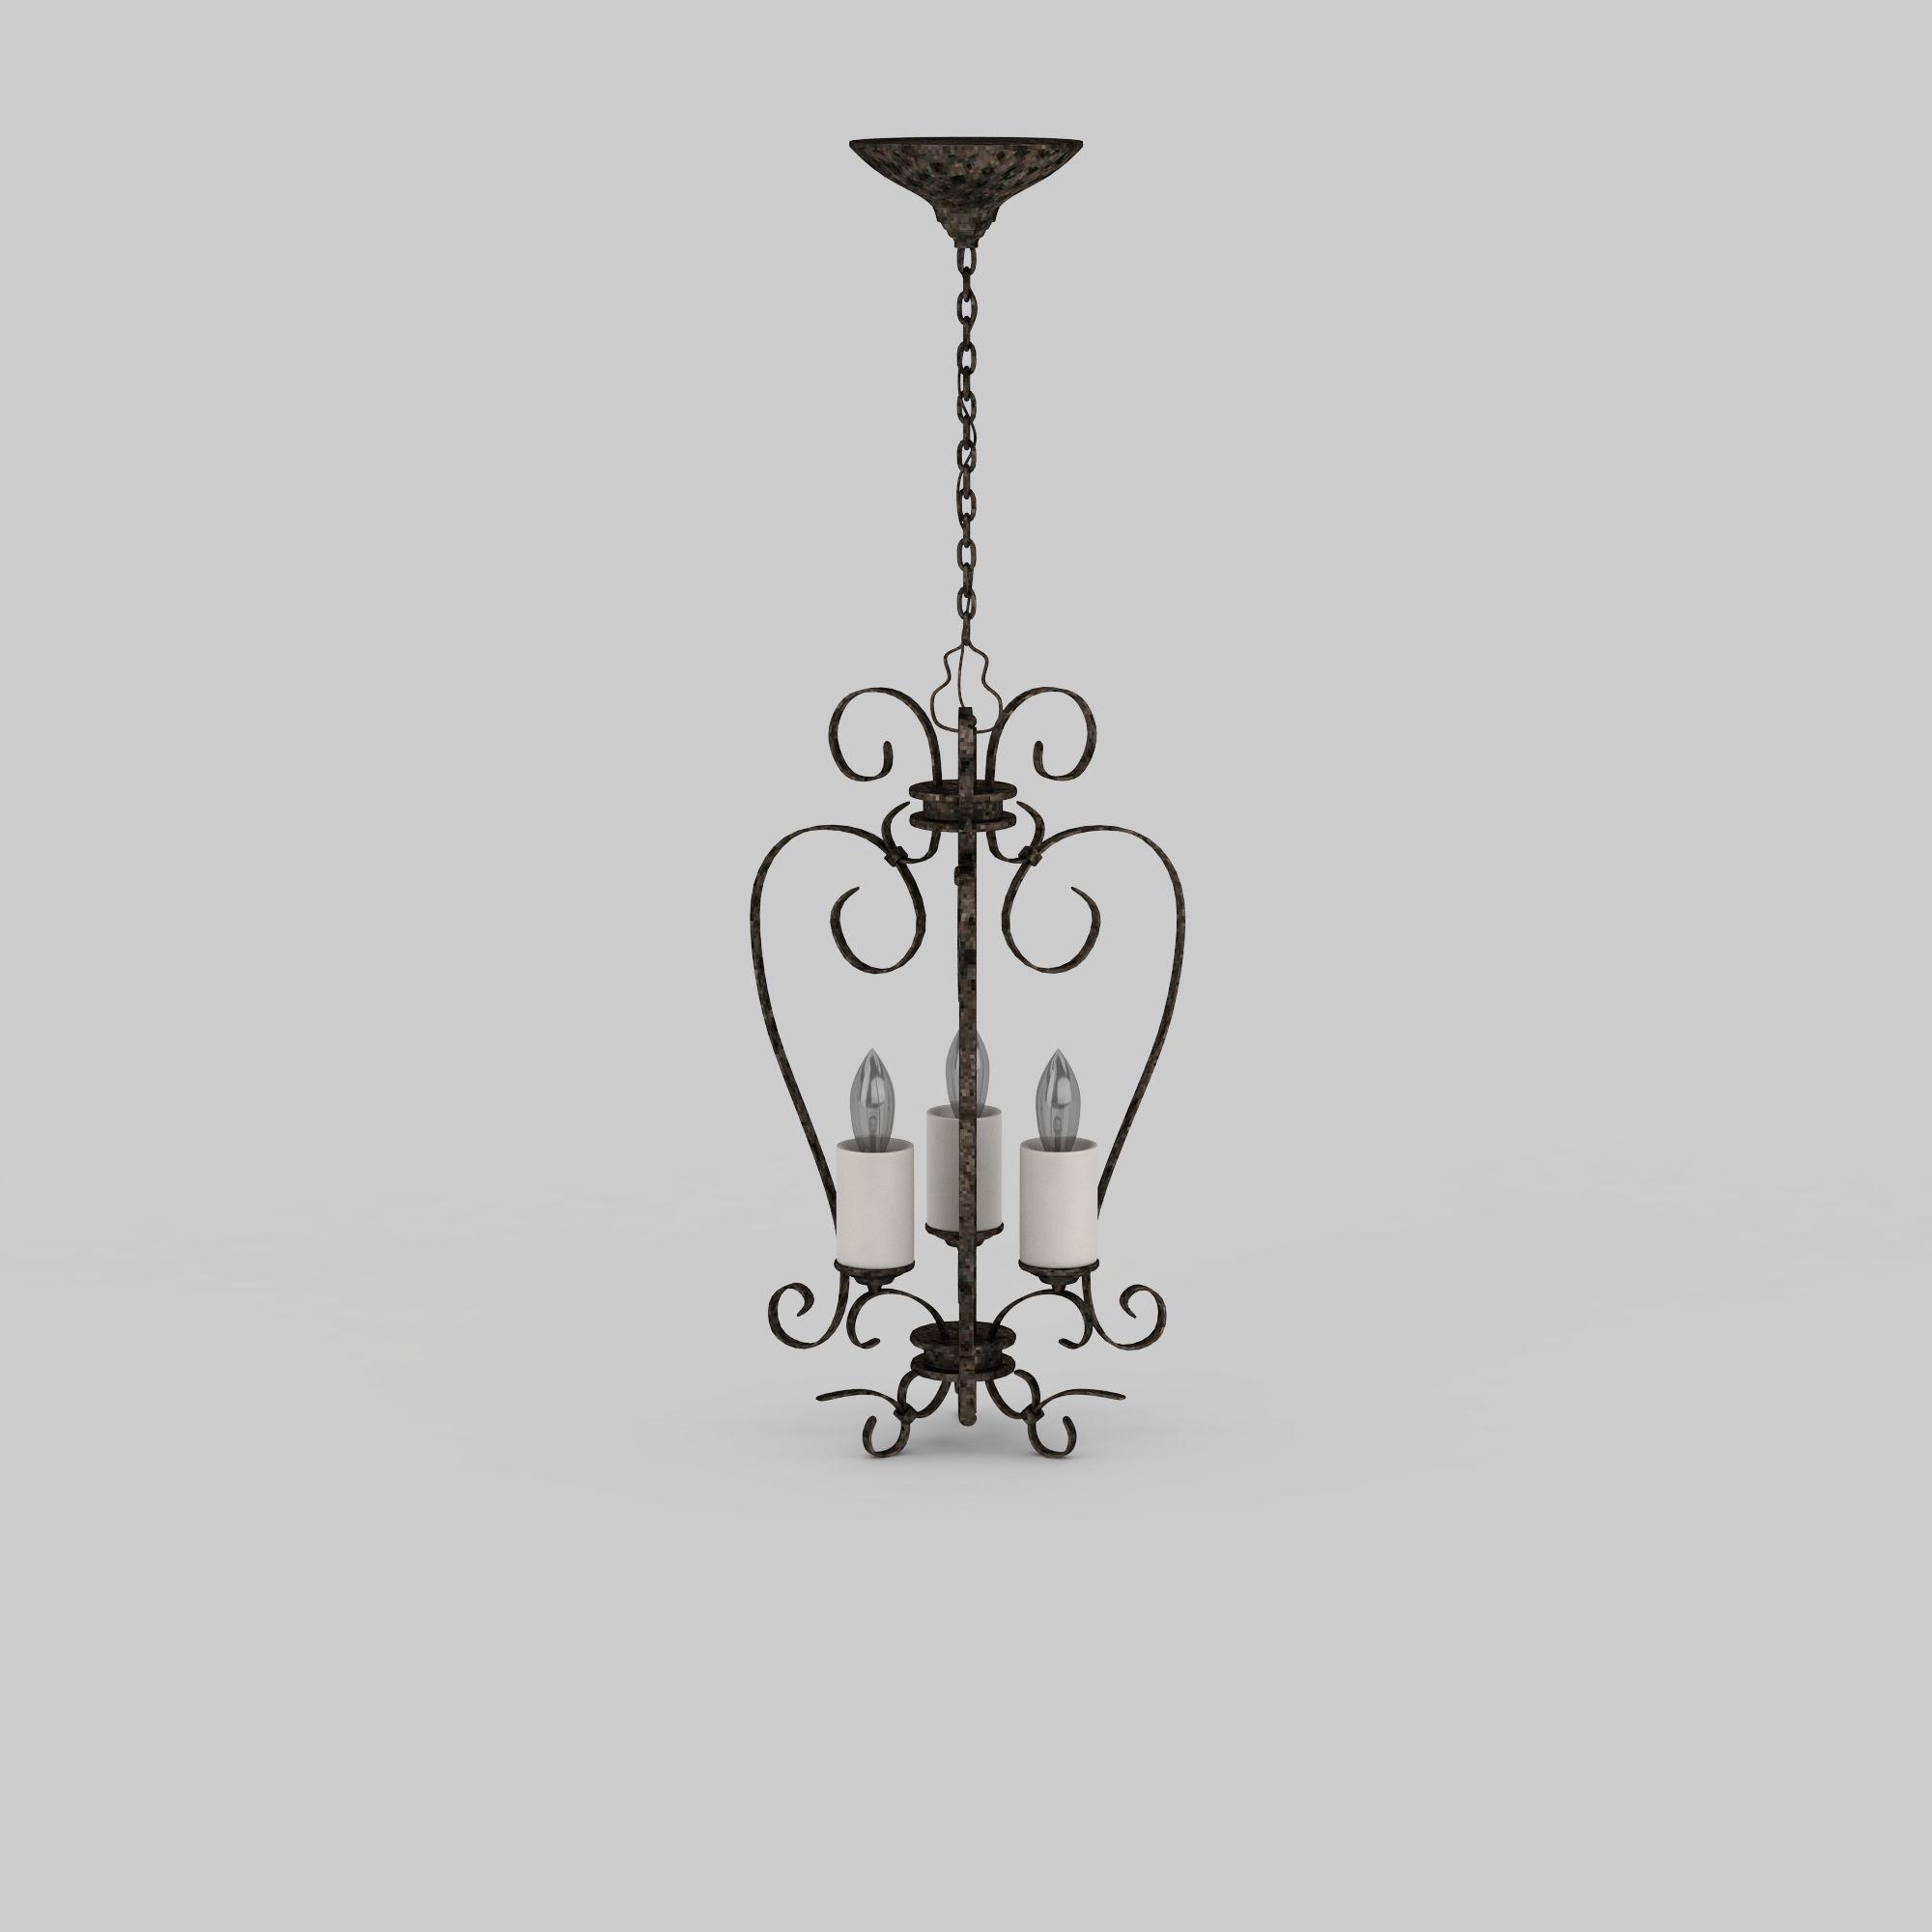 灯具 吊灯 欧式风格吊灯3d模型 欧式风格吊灯png高清图  欧式风格吊灯图片